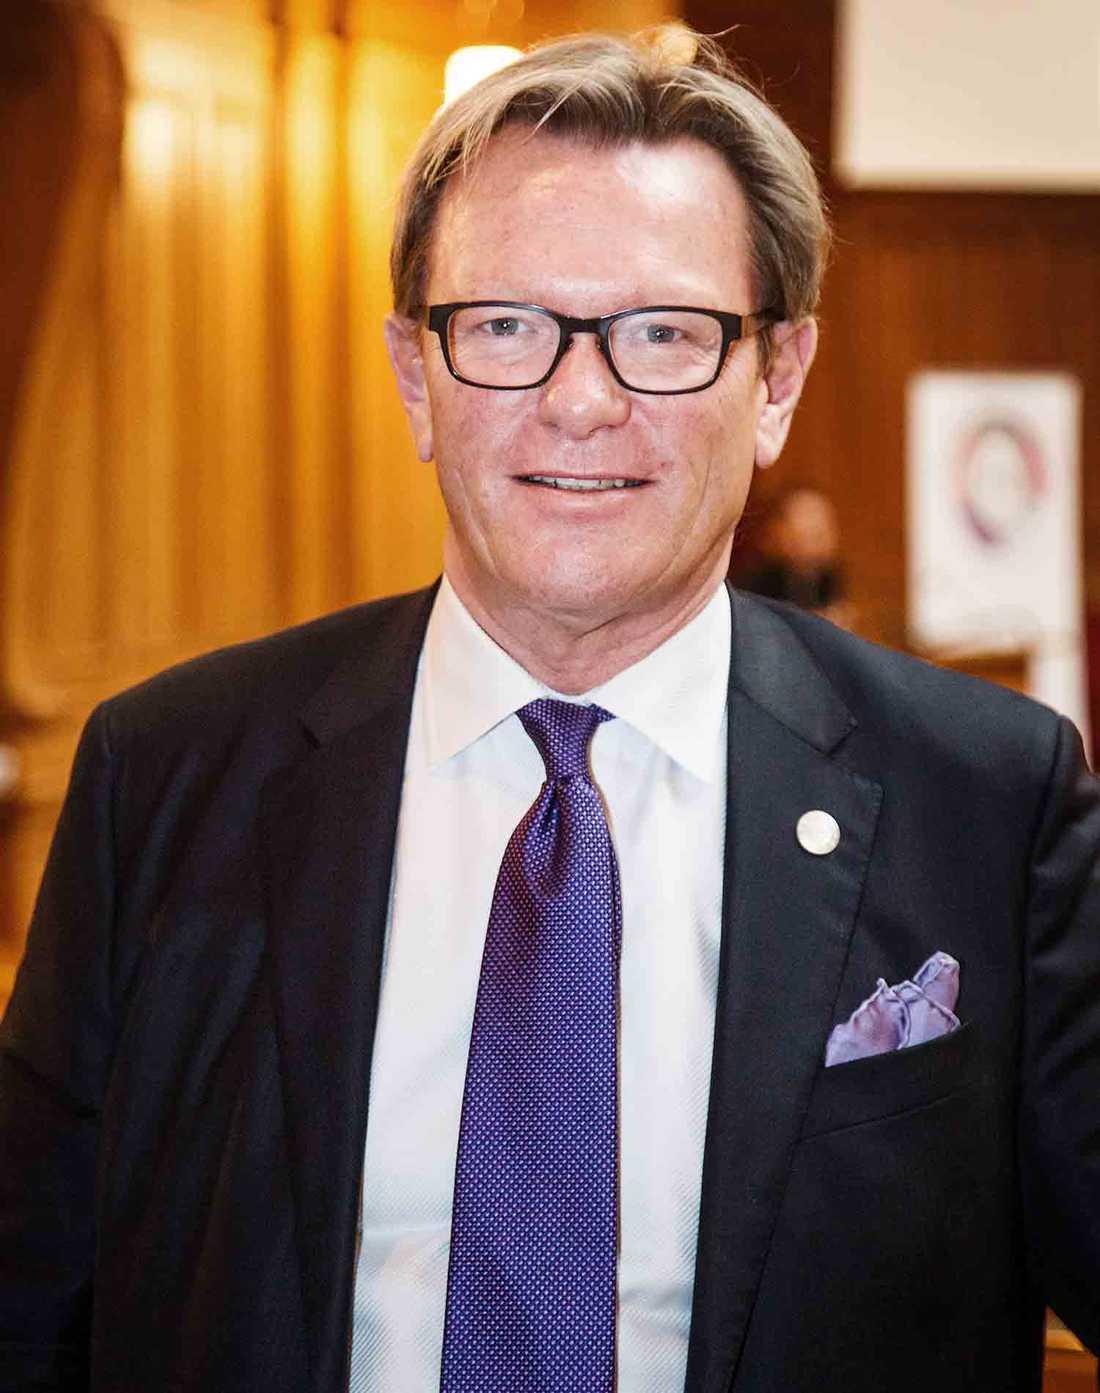 Moderatpolitikern Michael Svensson: Jag såg landet av mjölk och honung, men där mjölken och honungen bara fanns på ena sidan muren.